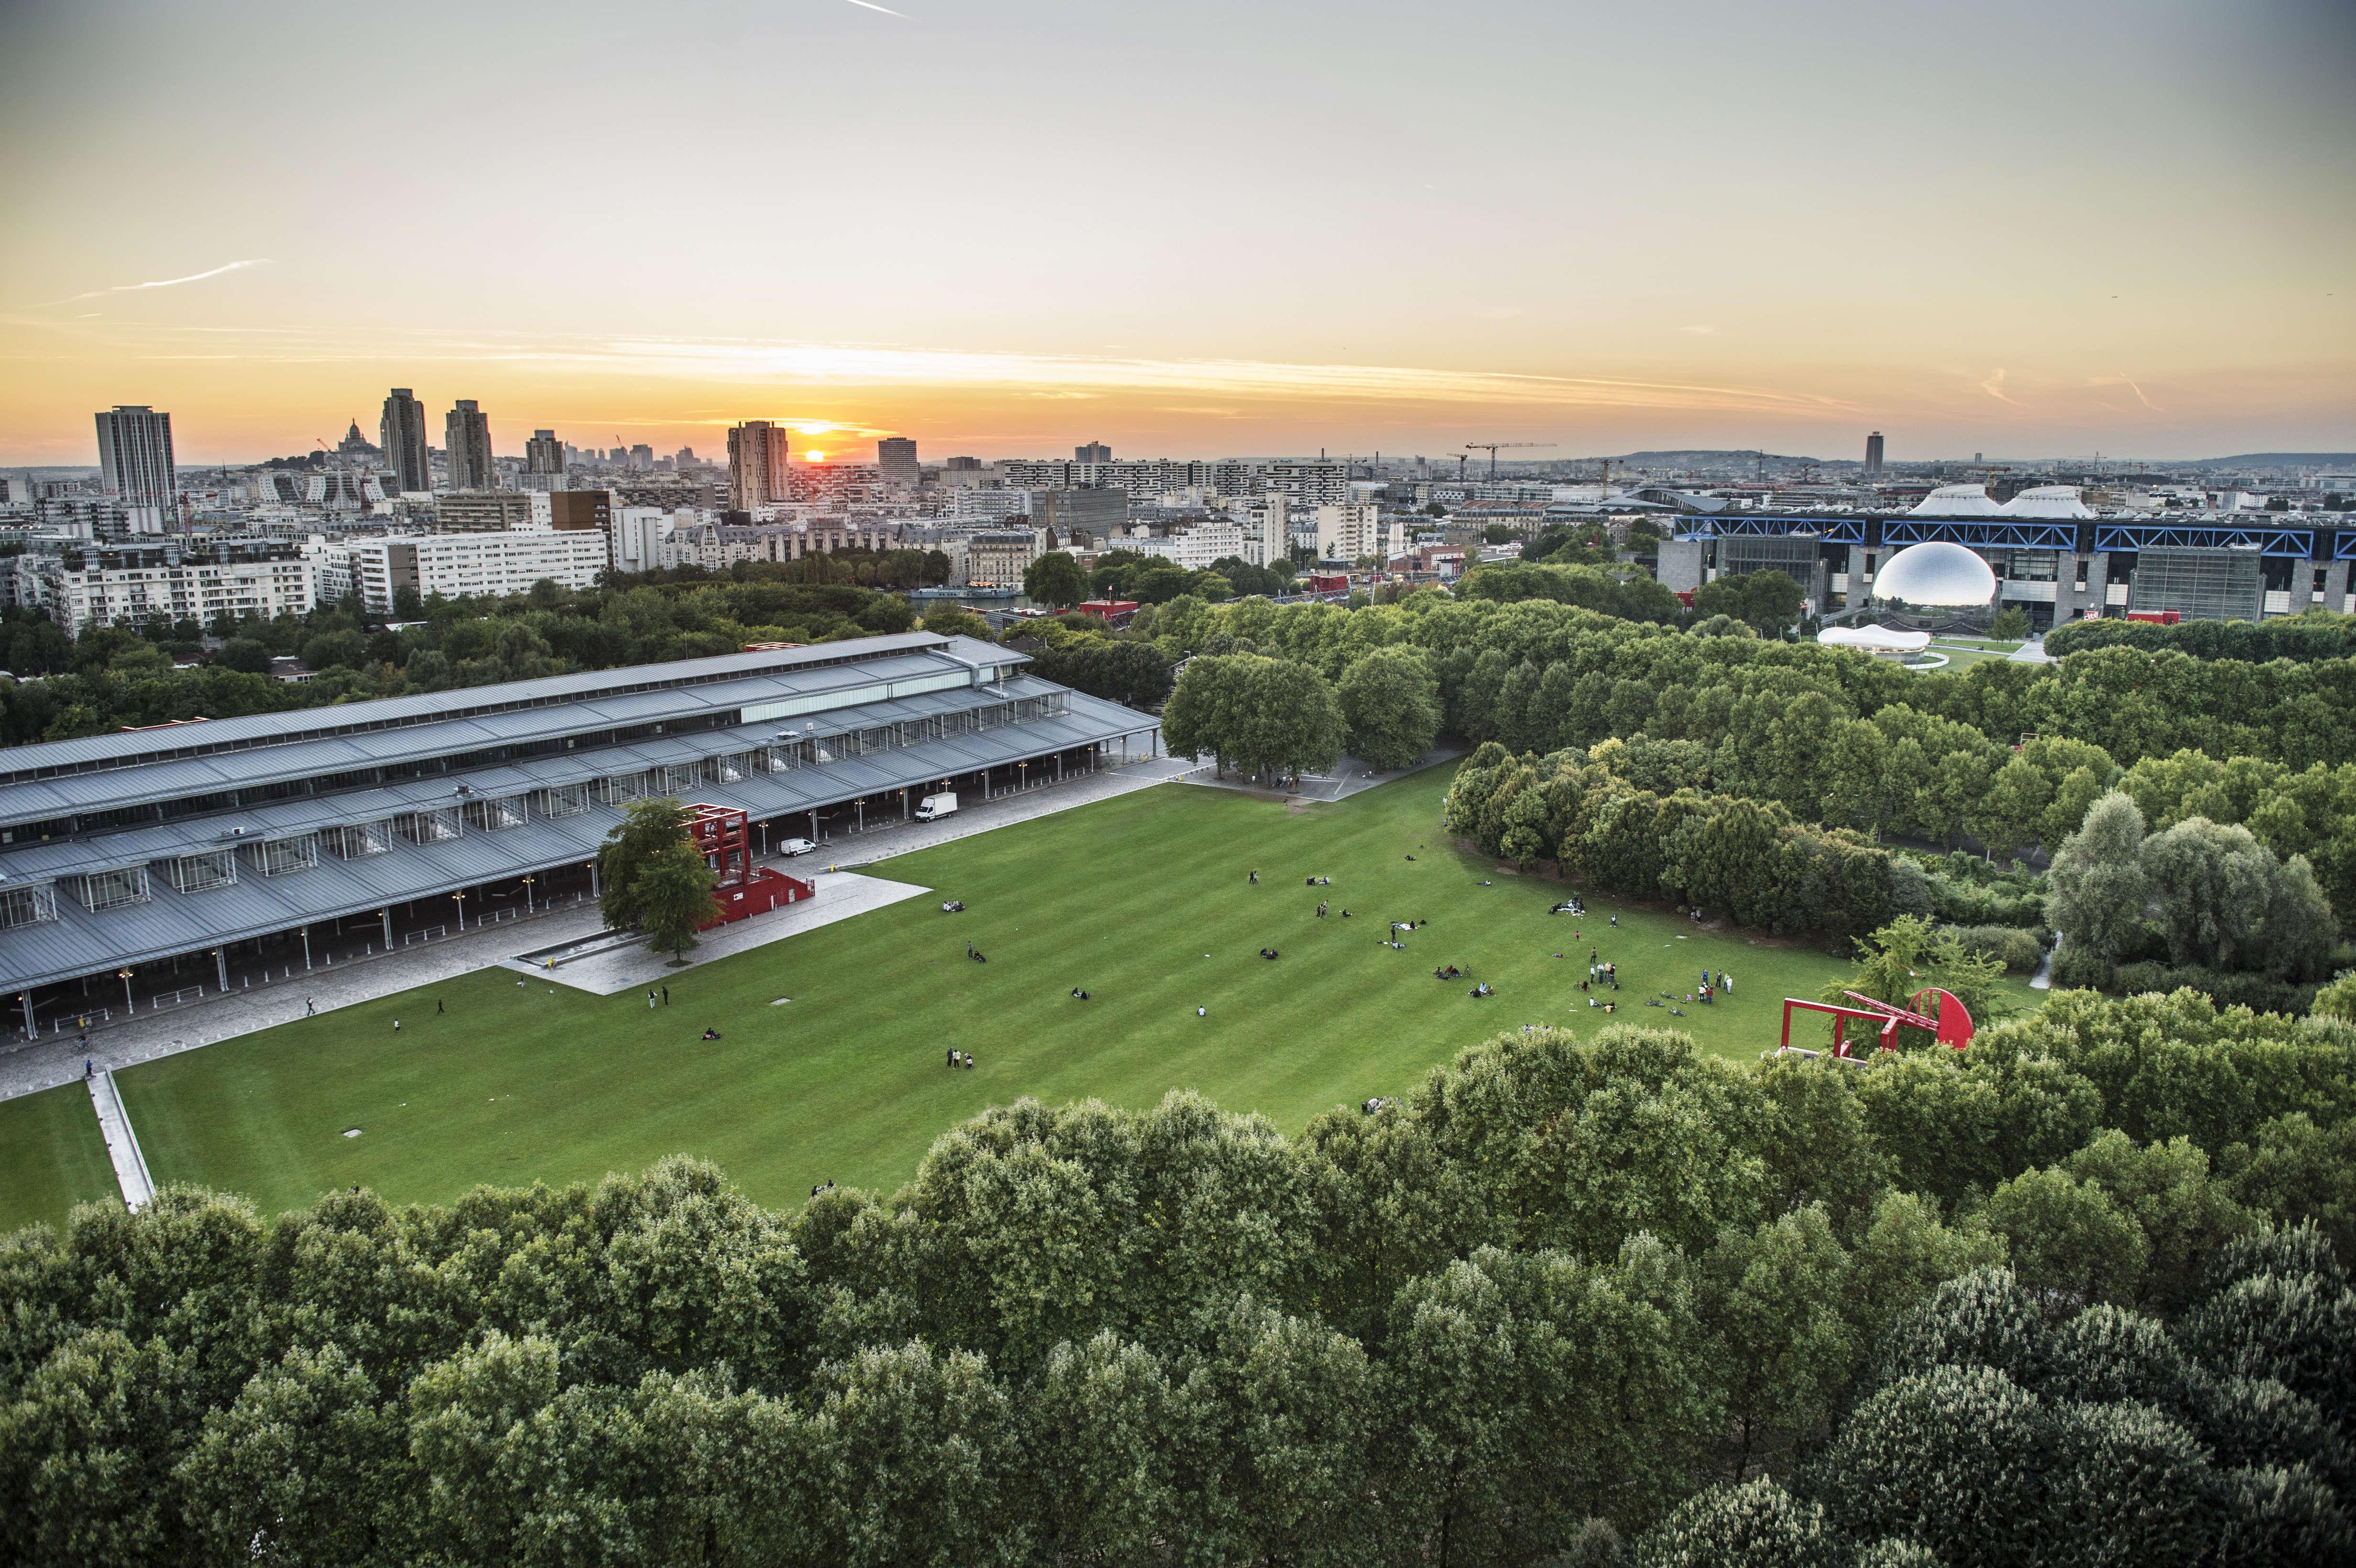 Le parc de La Villette avec ses 55 hectares serait considéré comme un espace unique en Europe, accueillant près de 10 millions de visiteurs chaque année. La prairie du triangle est le lieu de multiples projections avec le célèbre Festival de cinéma en plein air, créé il y a 25 ans.